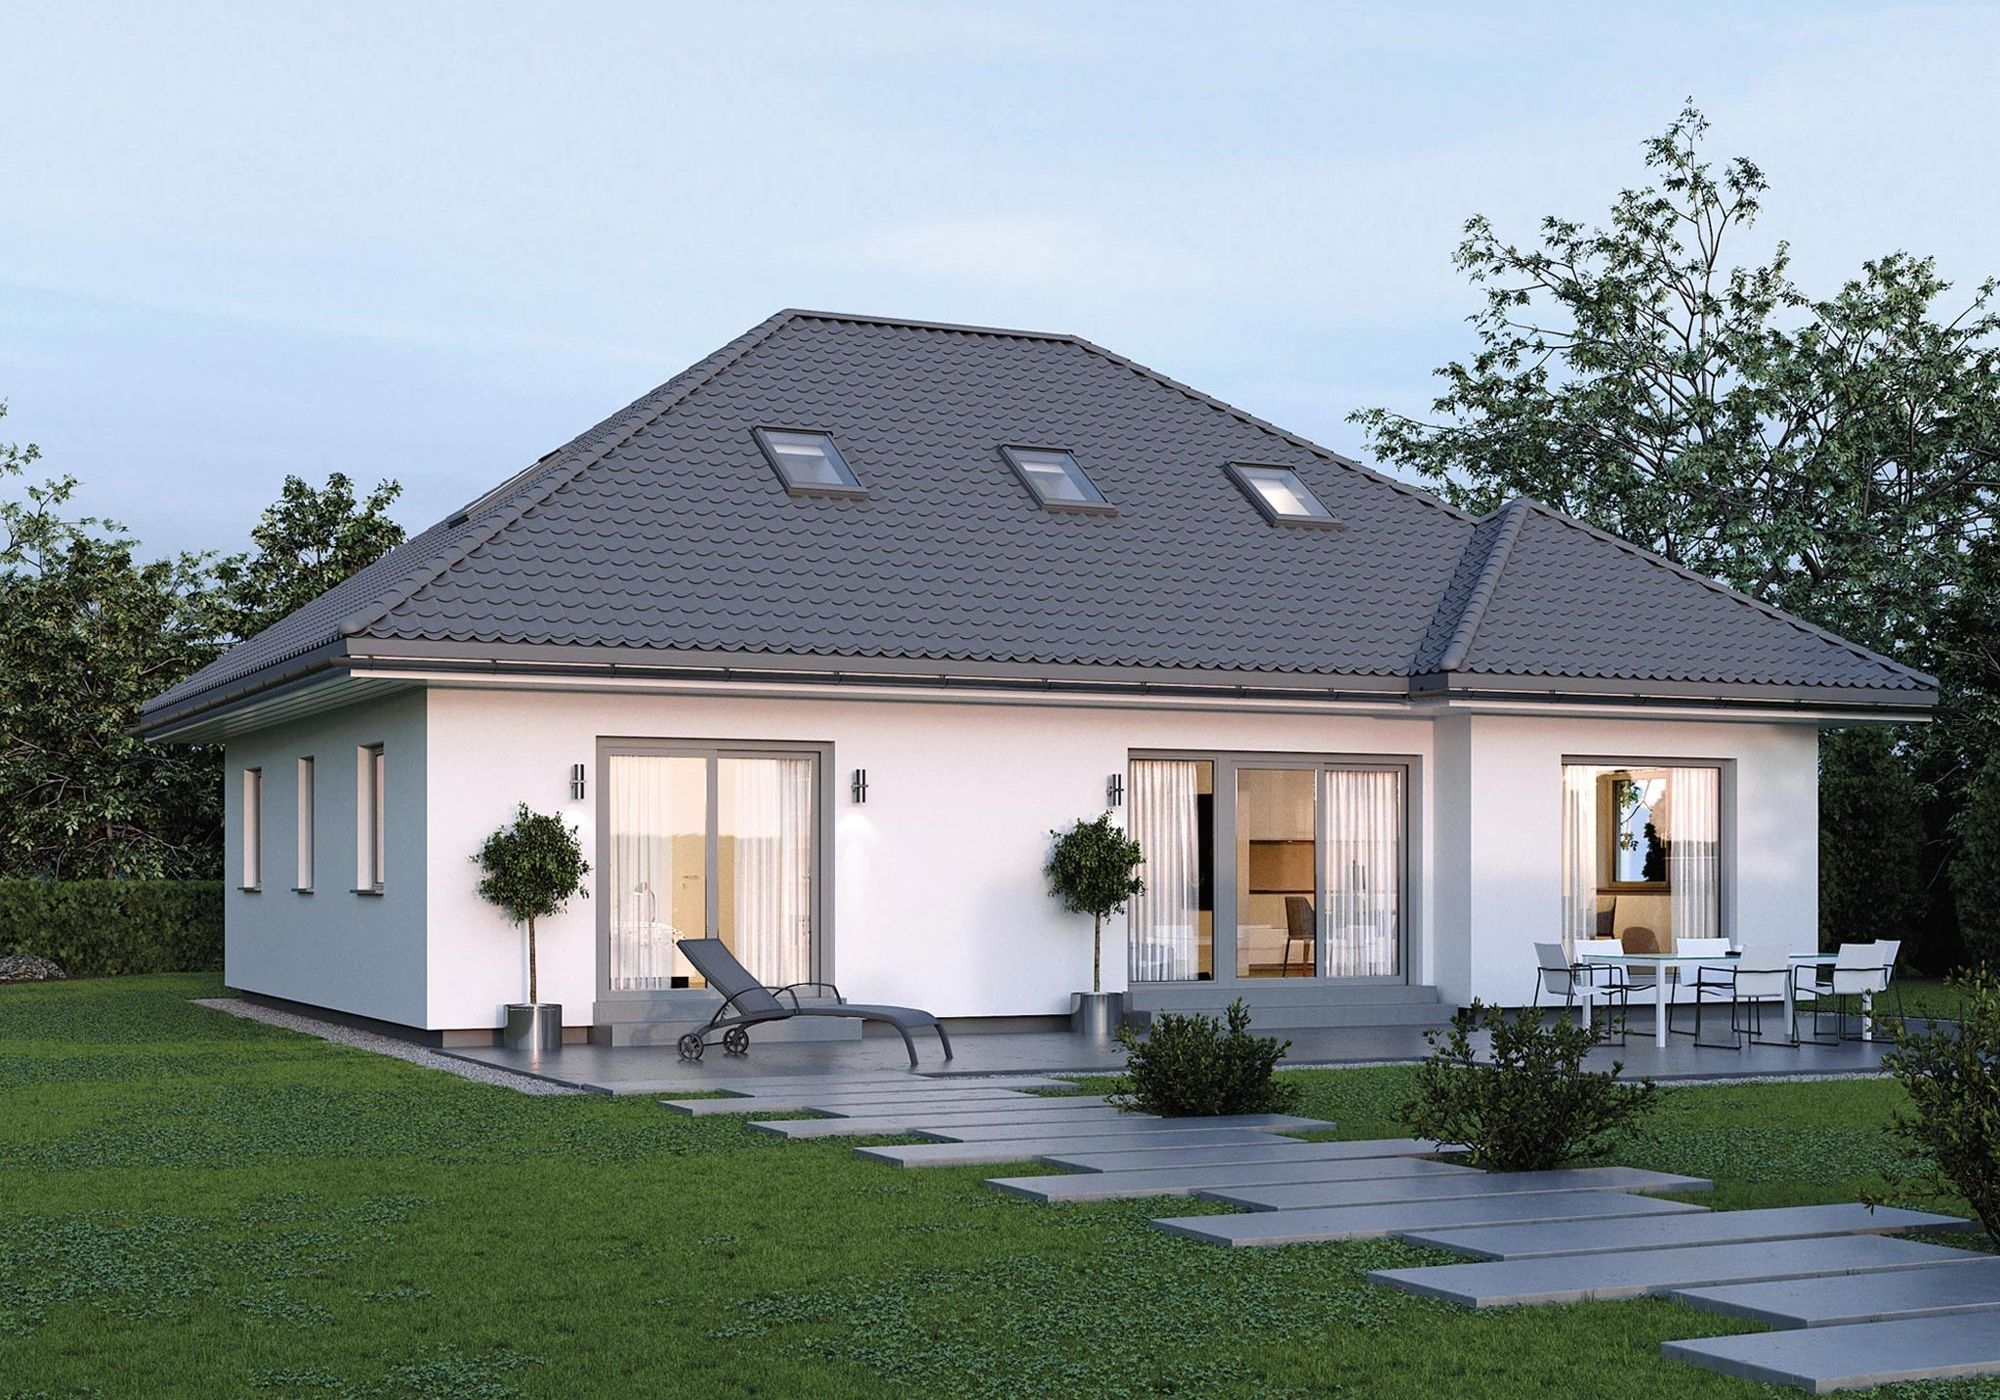 Modernes Haus ebenerdig mit Walmdach Architektur